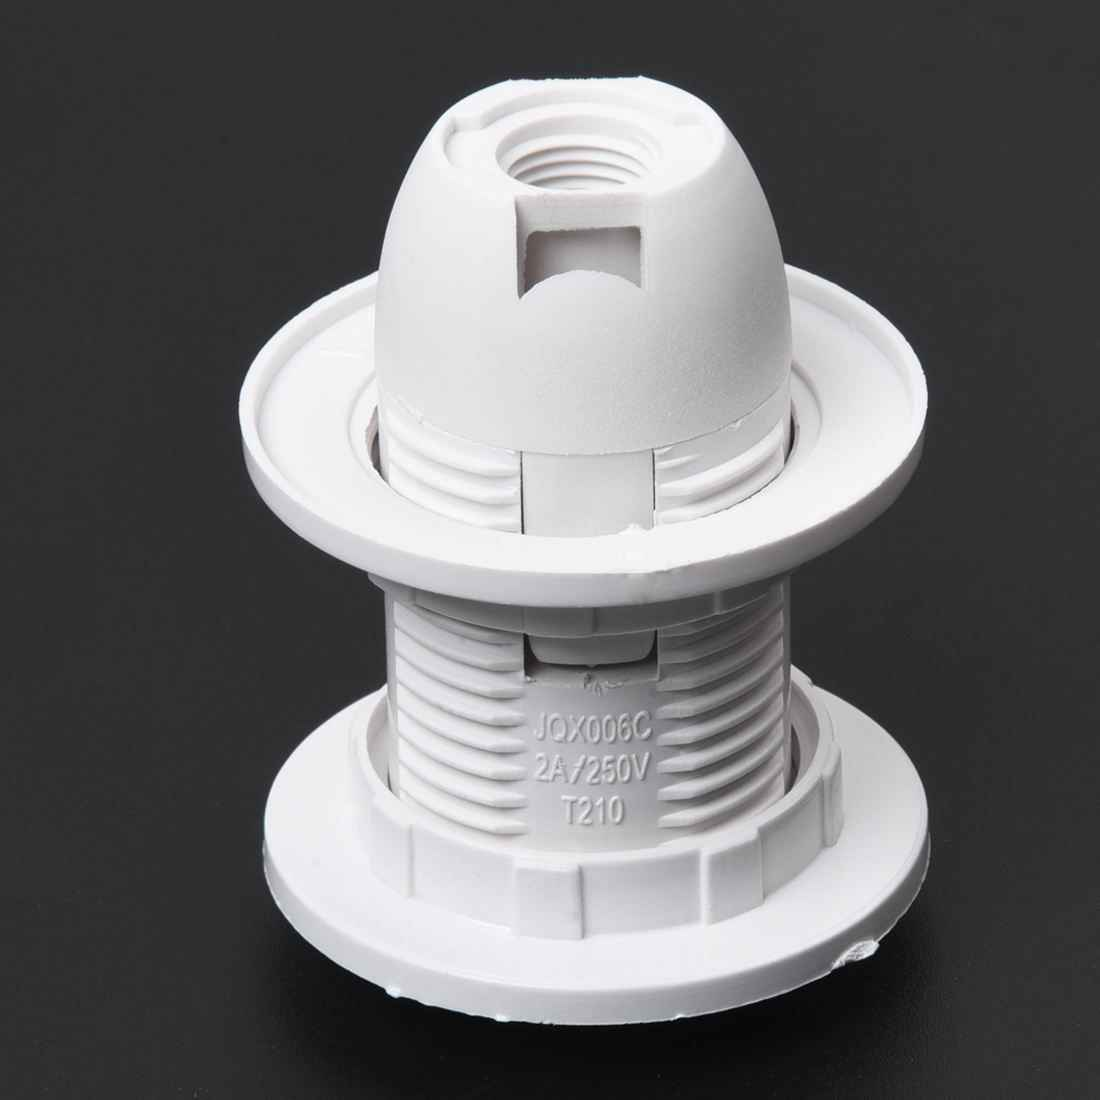 Прямая доставка! Пластик винты корпуса Тип E14 лампа держатель розетки переменного тока 250 V 2A подвесной разъем кольцо абажура 5,8x4,3 см